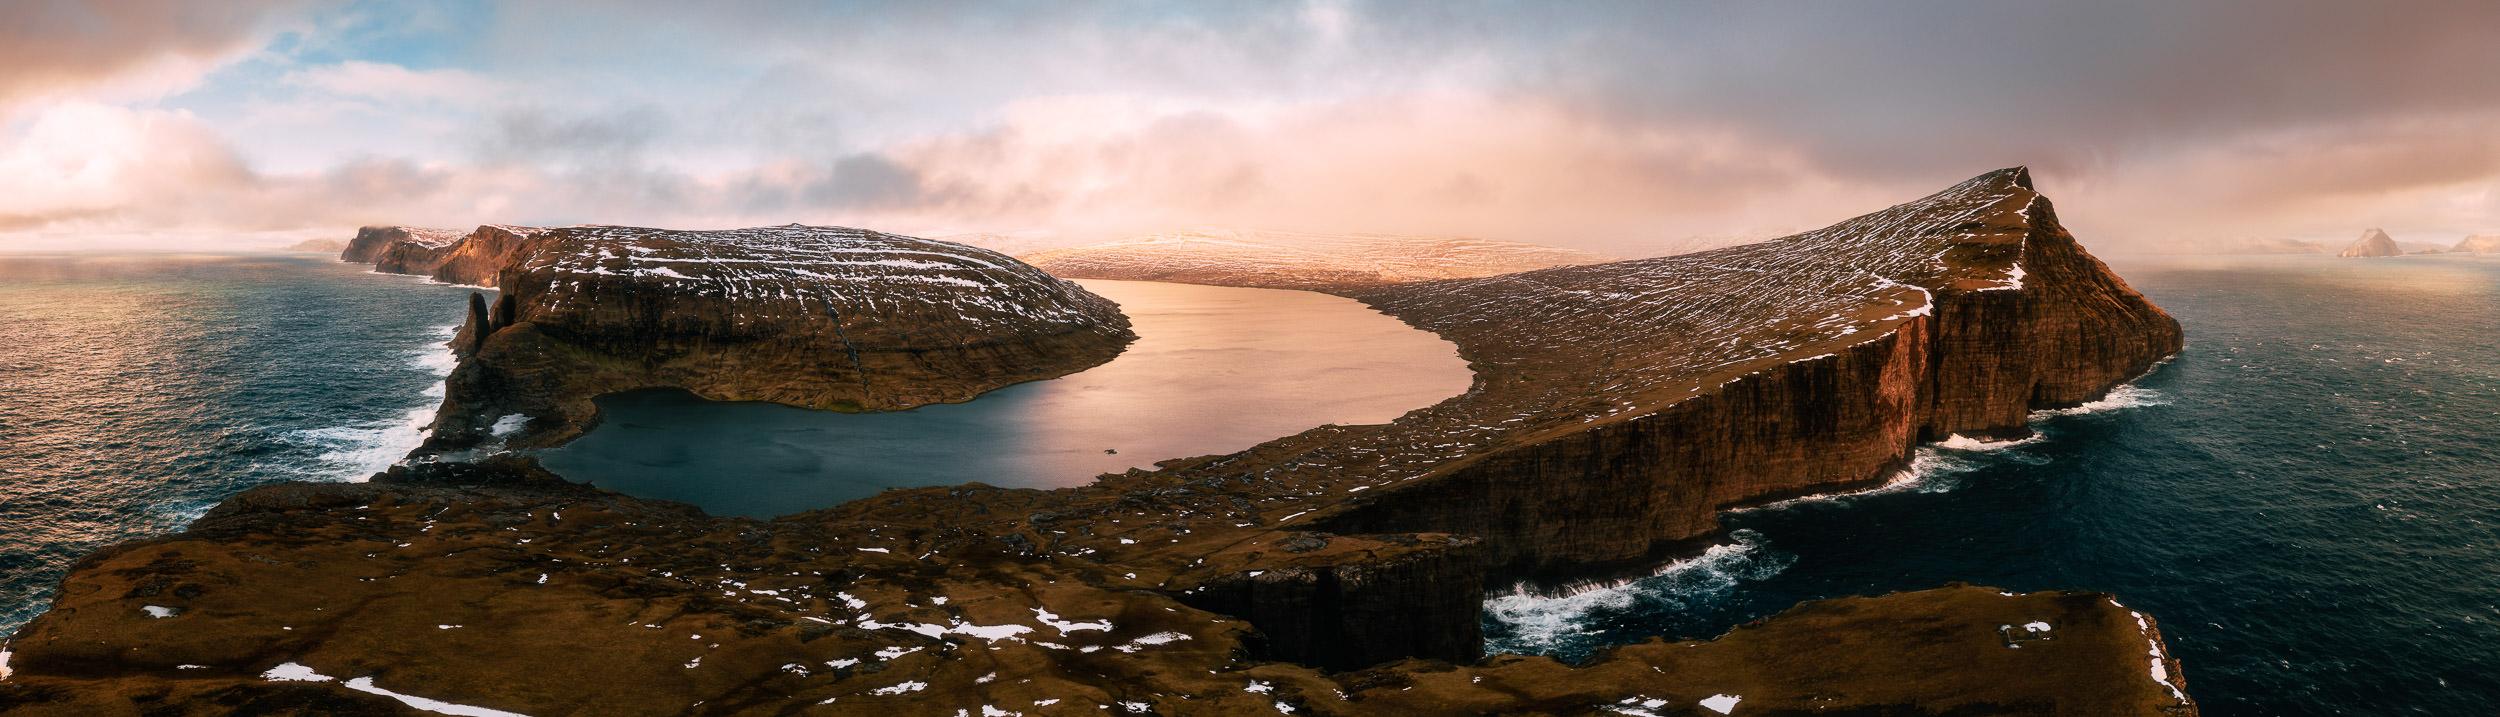 2019.02.07_Faroe_Traelanipa_Hike_Mavic-0001-5-Pano-Edit.jpg